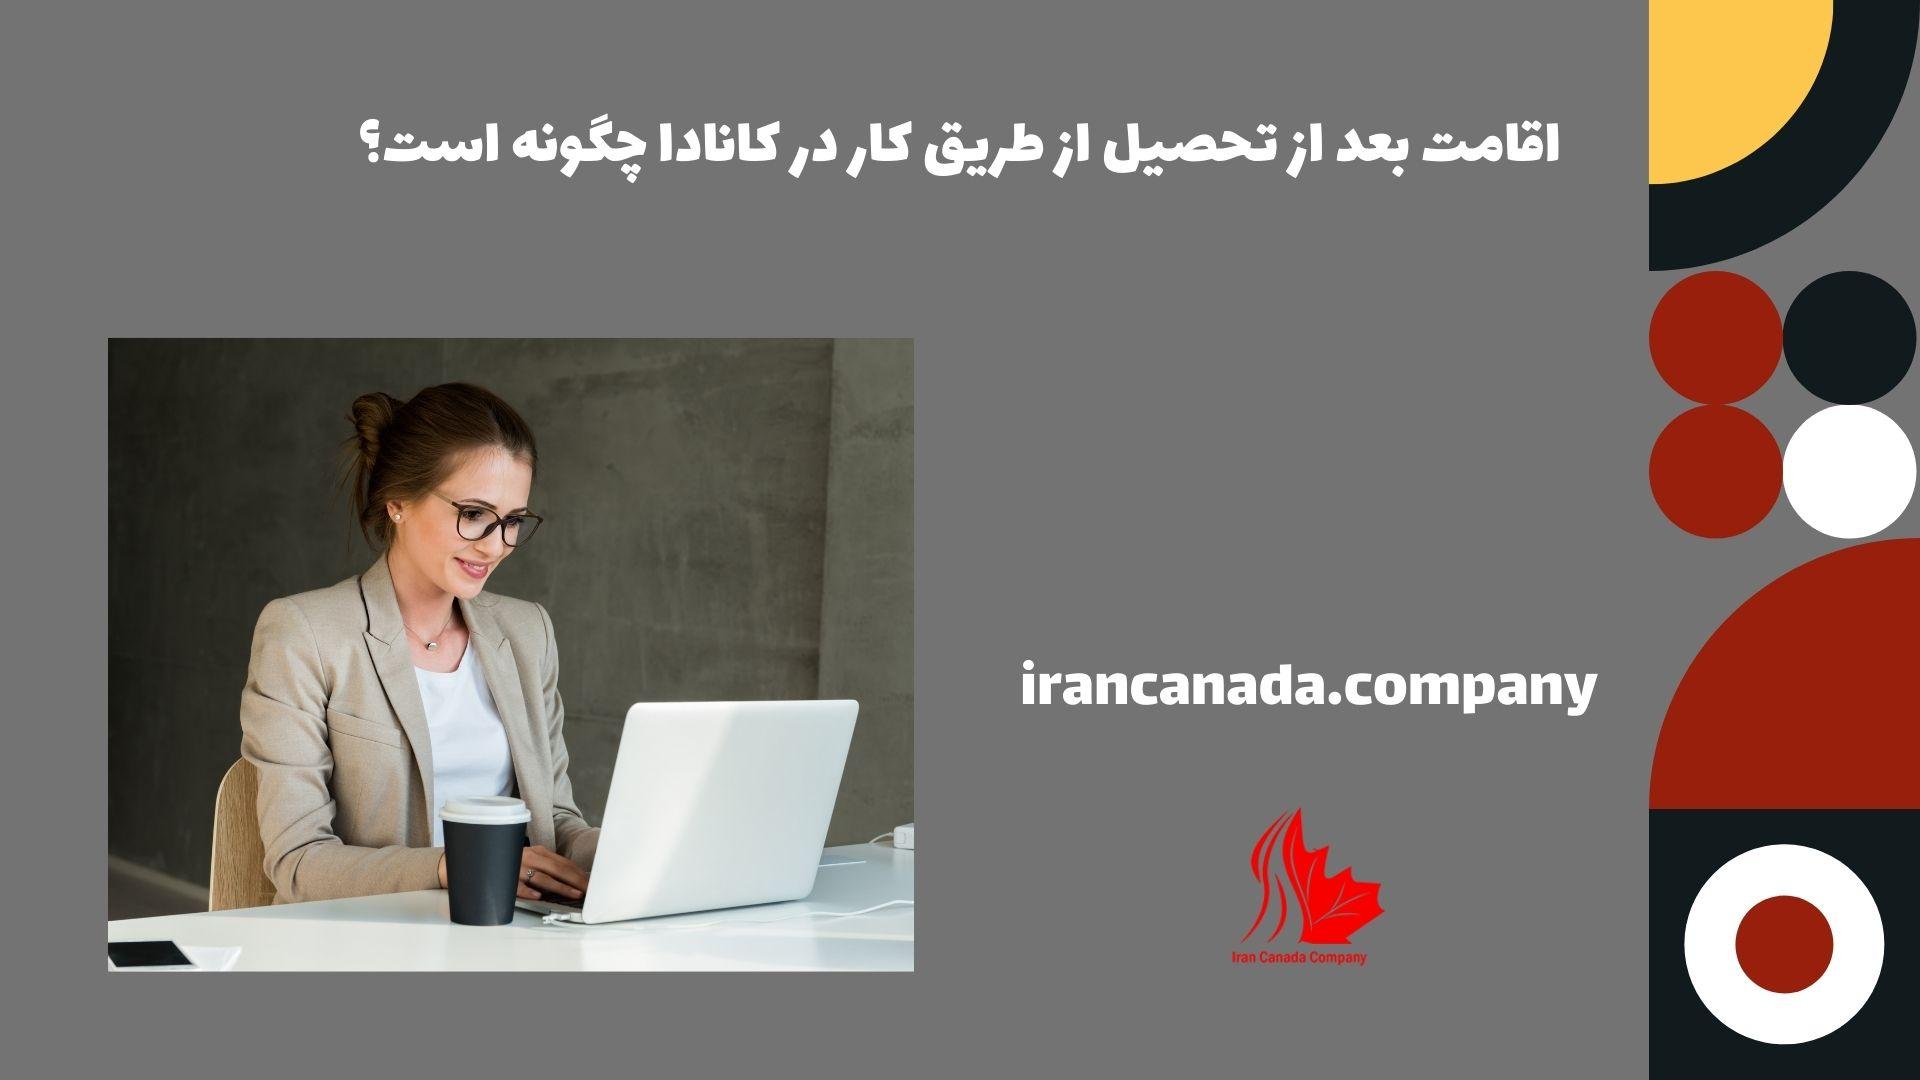 اقامت بعد از تحصیل از طریق کار در کانادا چگونه است؟